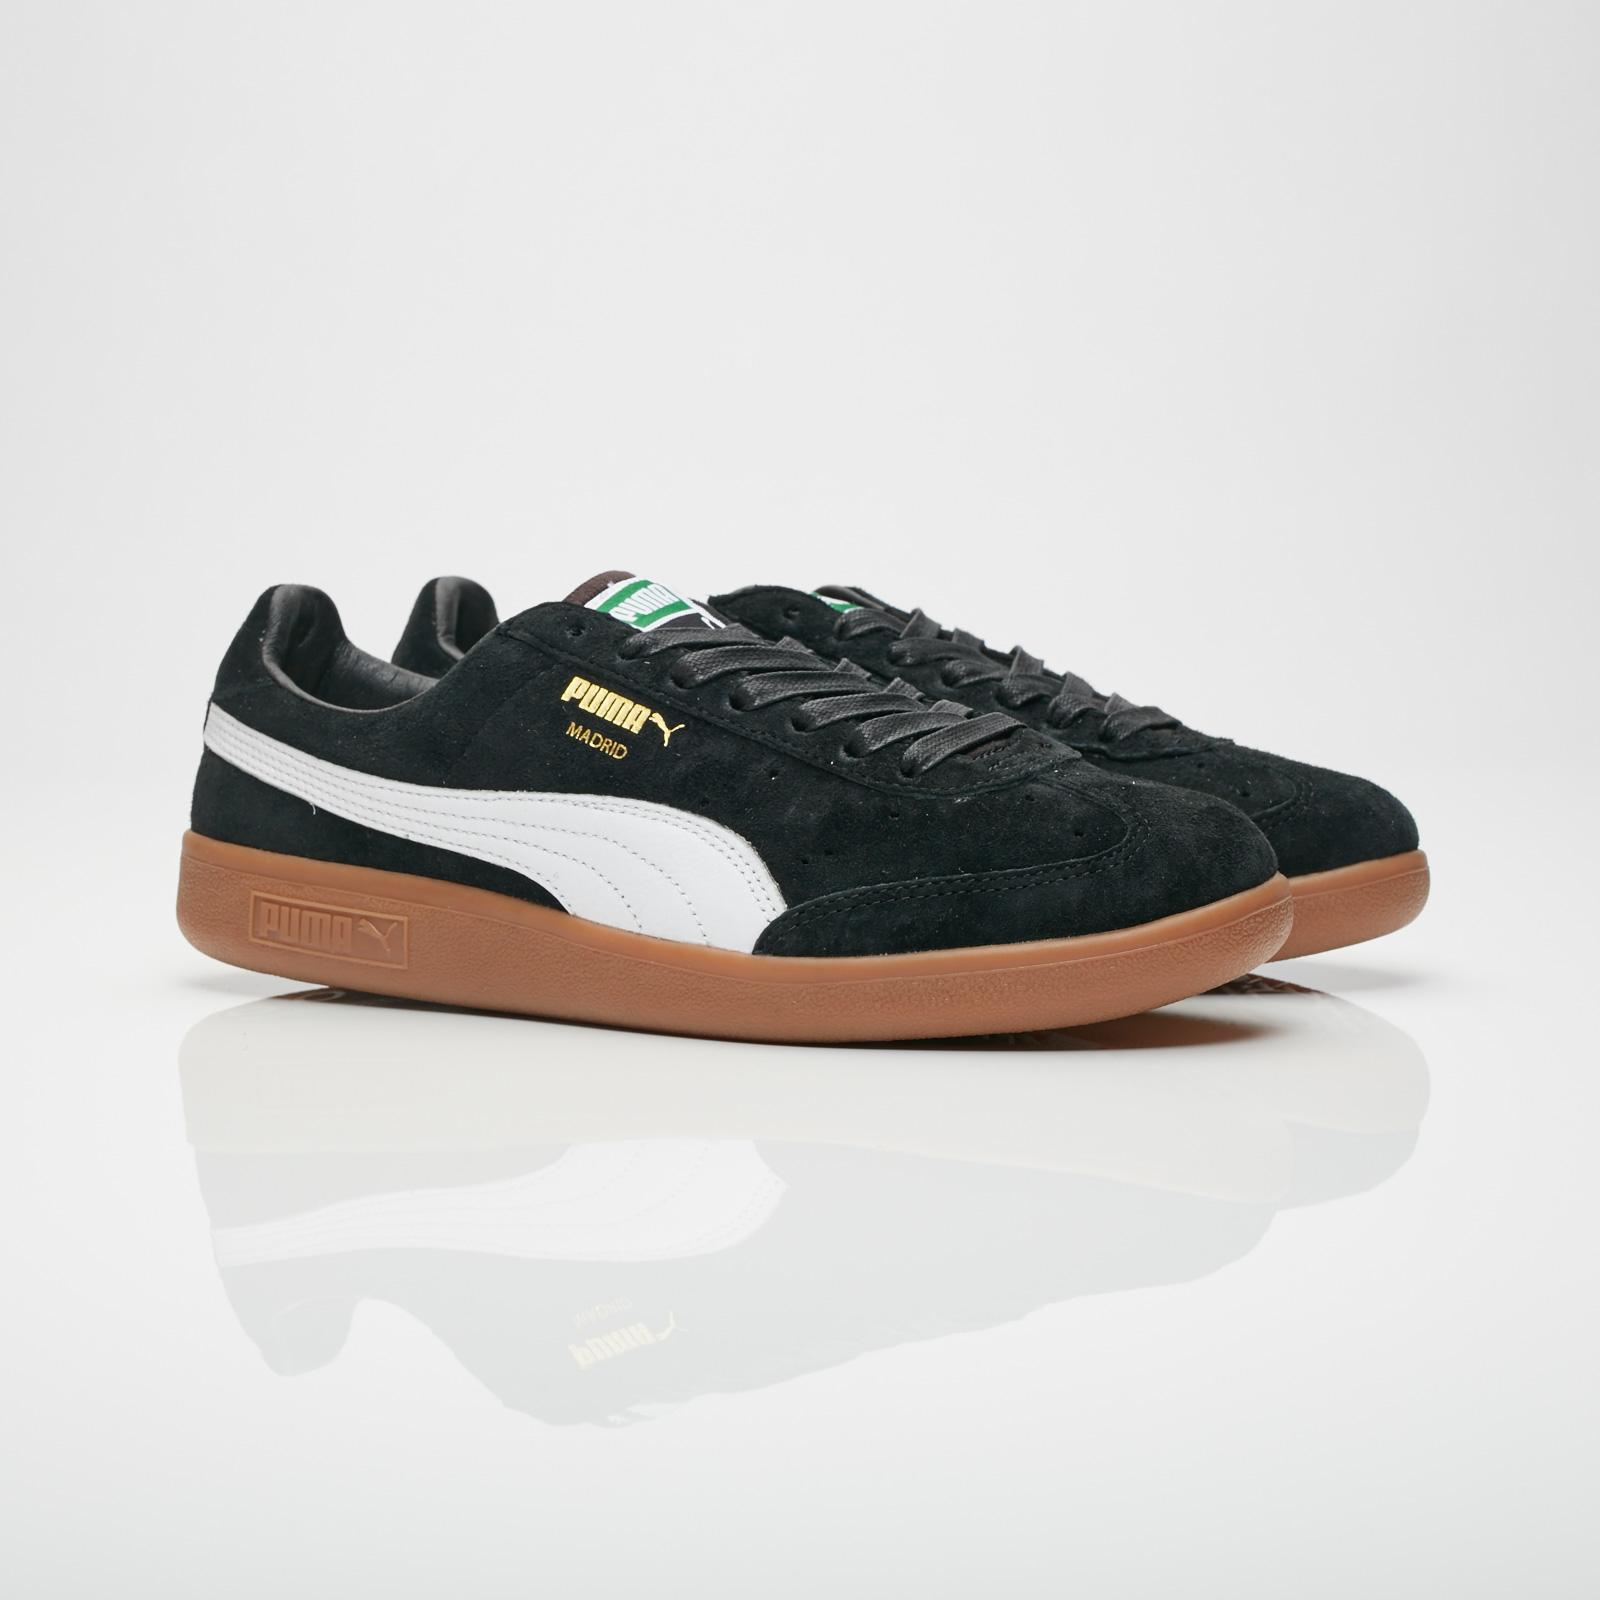 offizieller Laden Bestbewertete Mode heißester Verkauf Puma Madrid - 364930-01 - Sneakersnstuff   sneakers ...